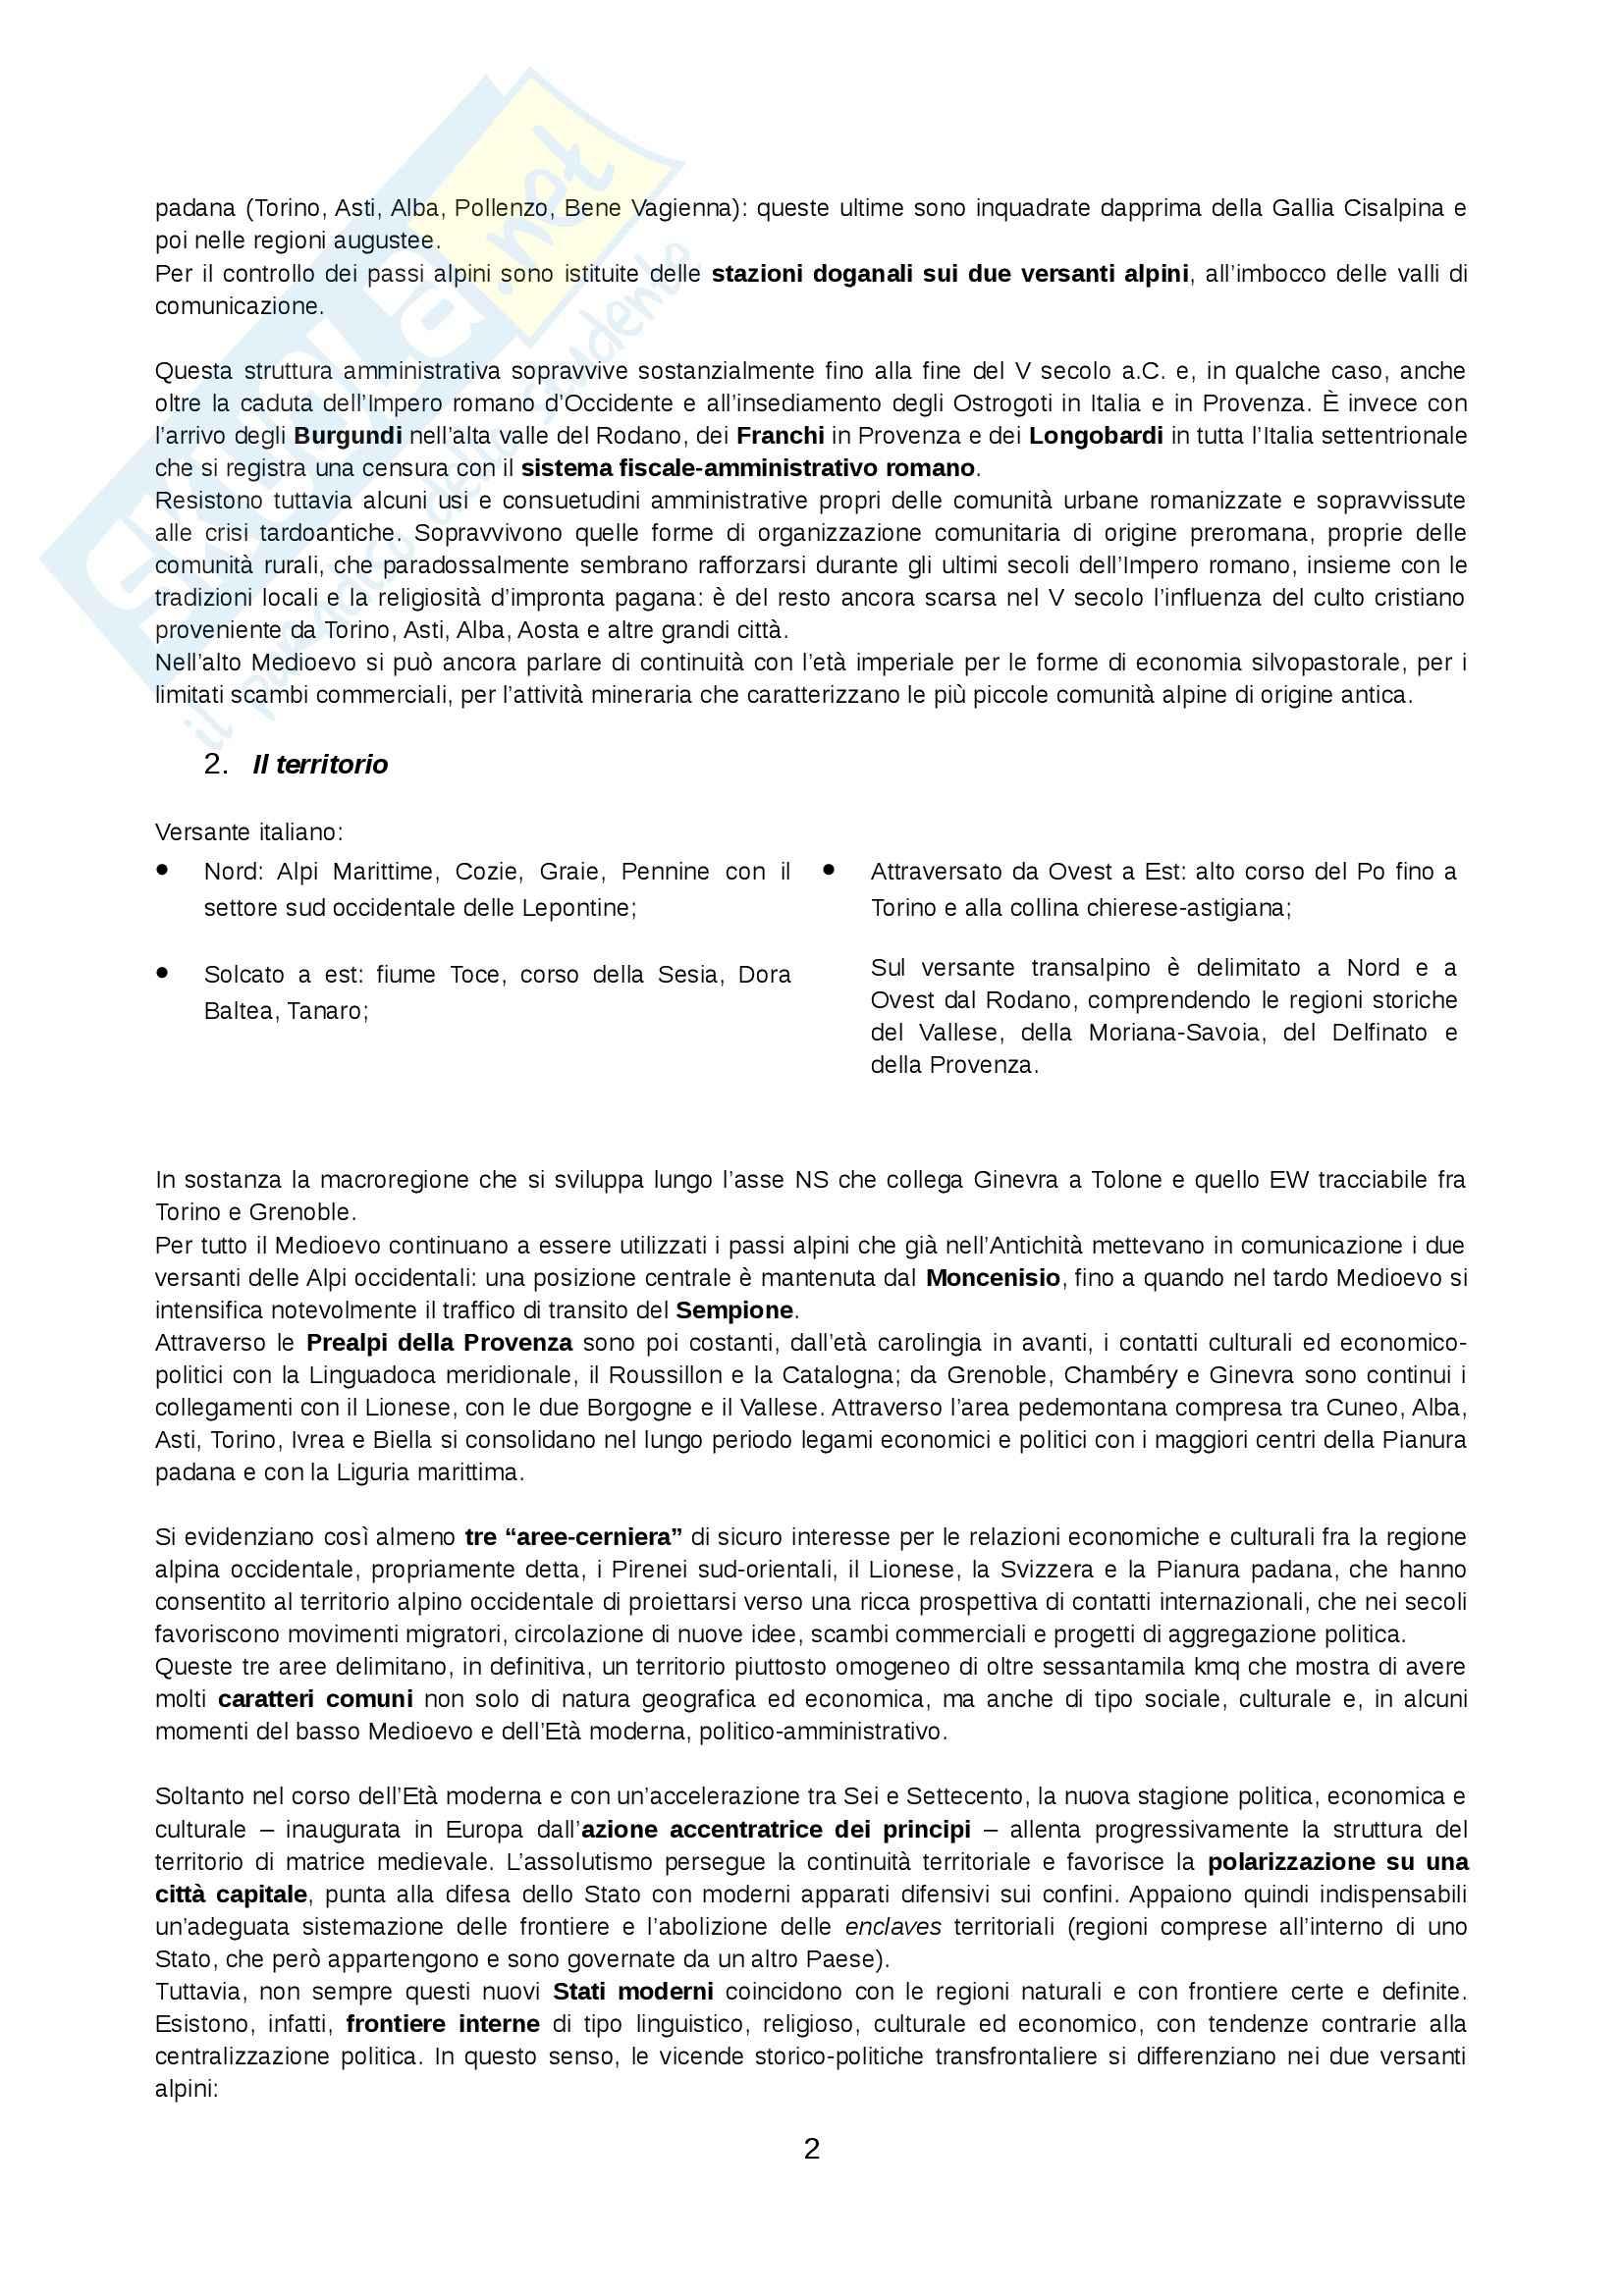 Lezioni, Storie e culture di una regione europea Pag. 2